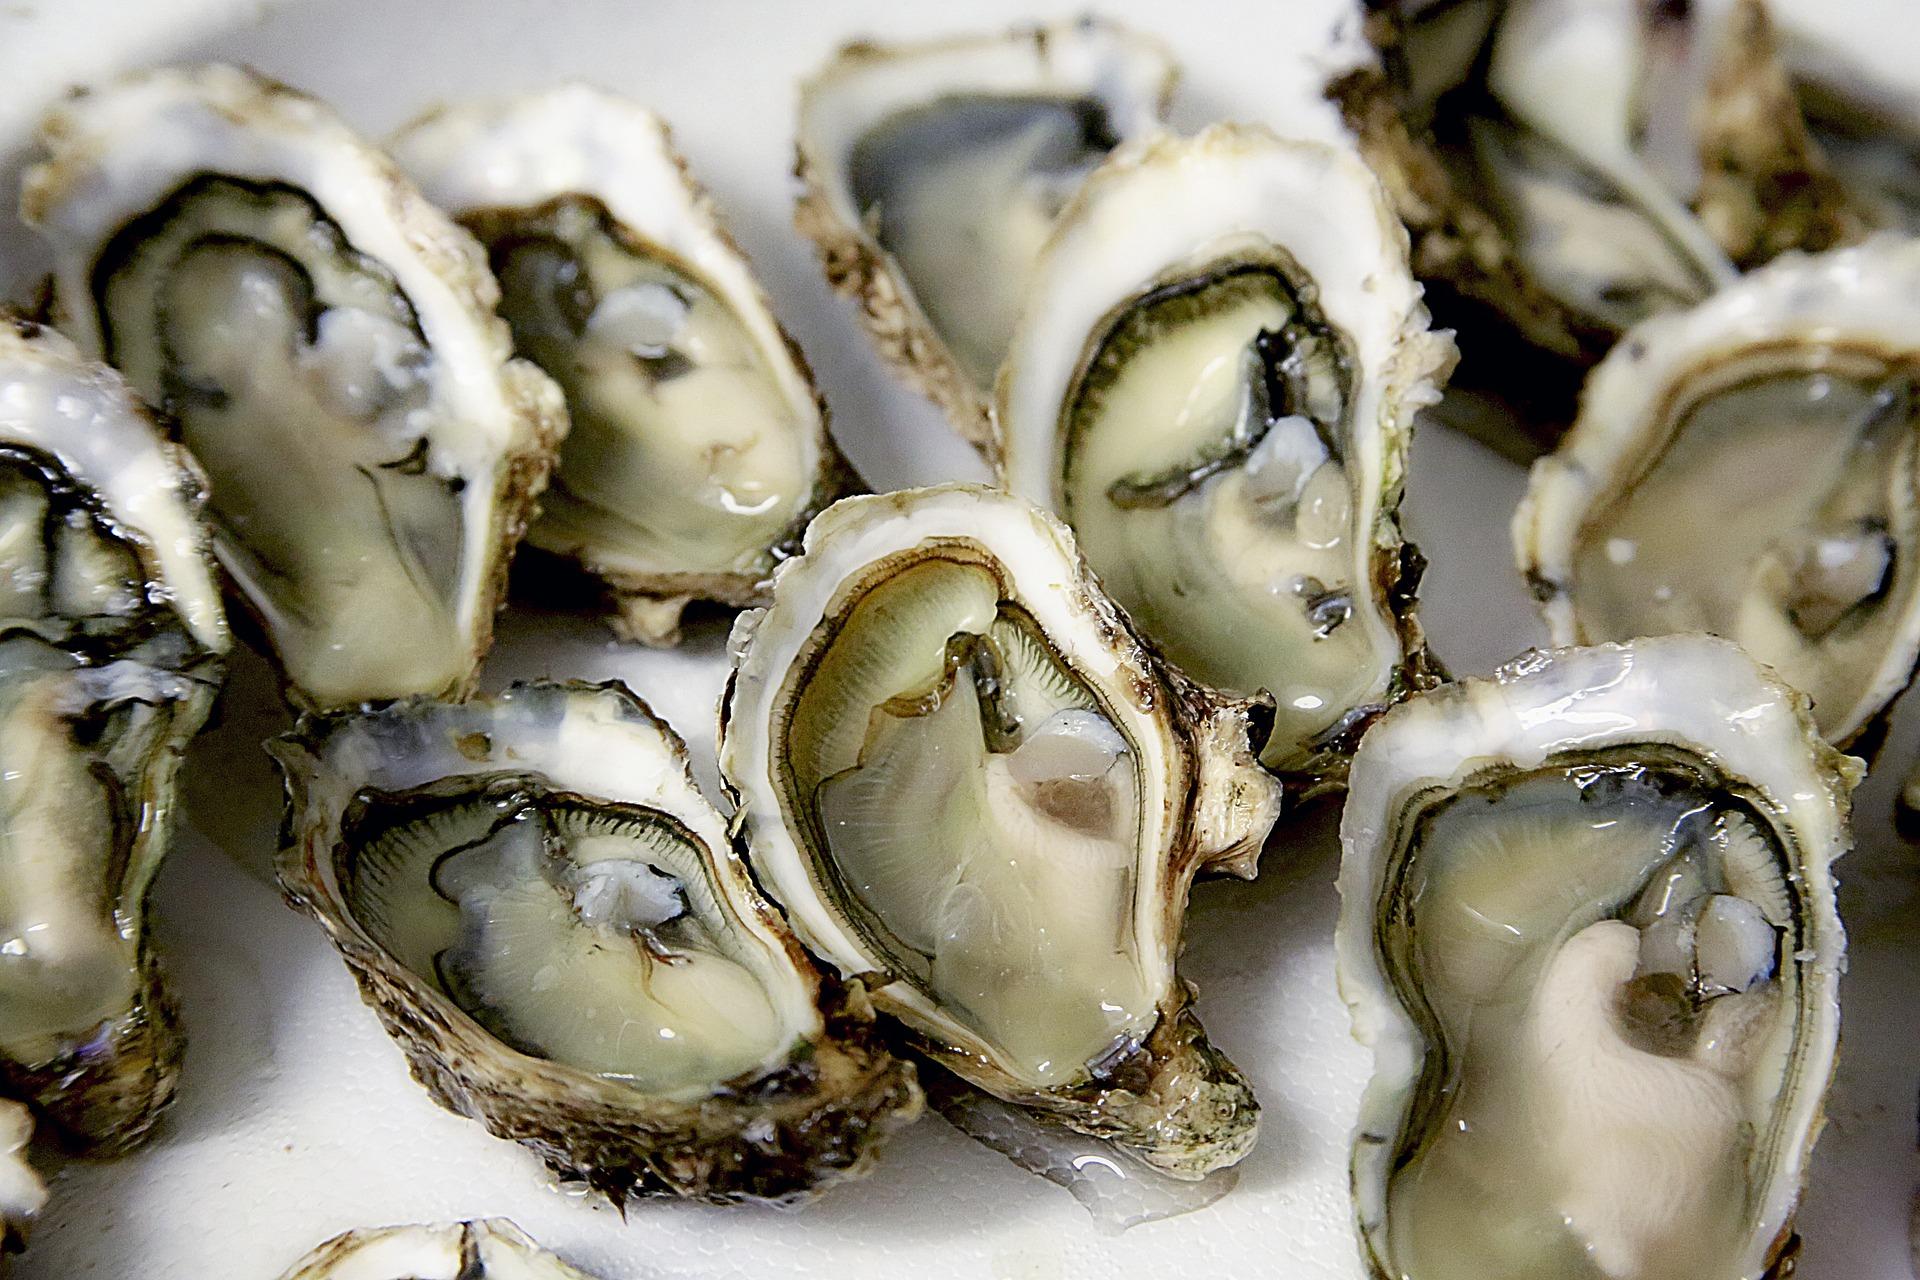 Comment bien choisir ses huîtres? 4